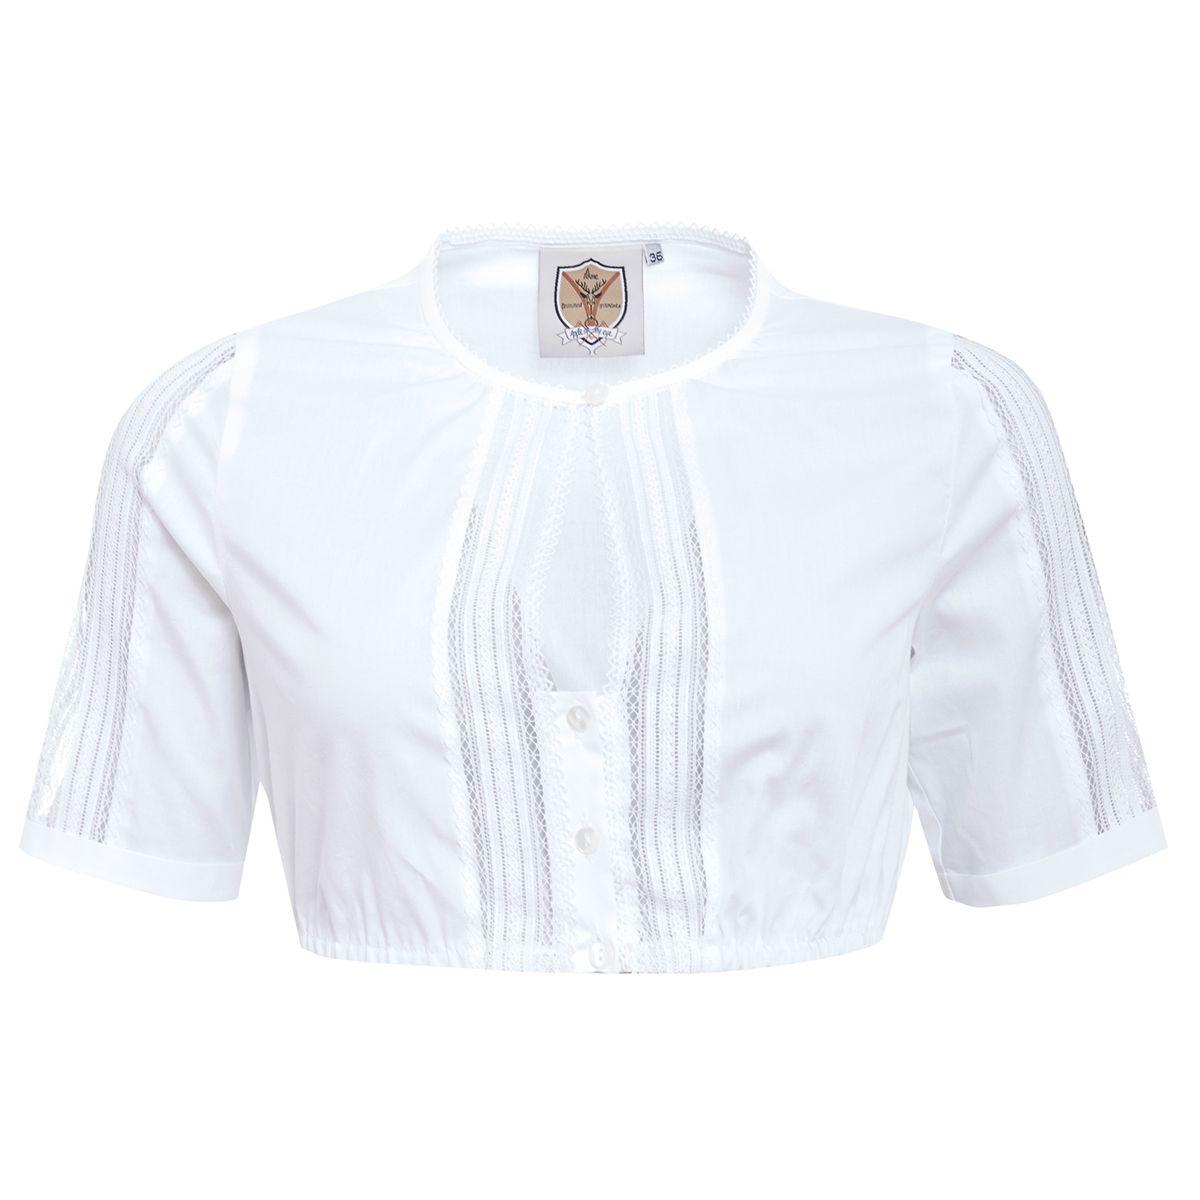 Dirndlbluse Marga in Weiß von Apple of my Eye günstig online kaufen